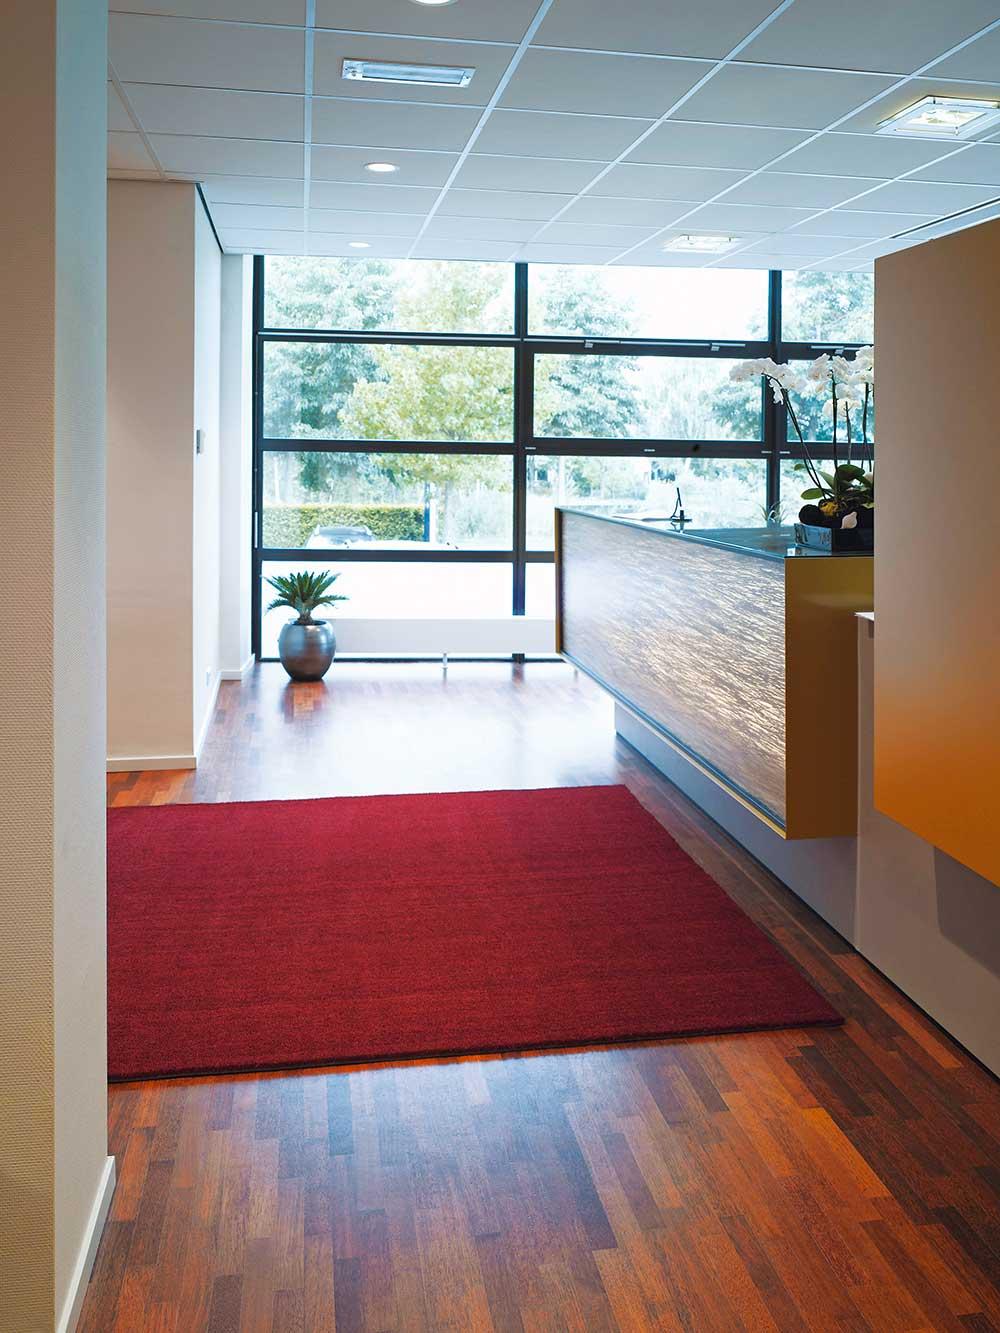 btb 2014 p06 brosse couleur ambiance rouge la moquetterie. Black Bedroom Furniture Sets. Home Design Ideas